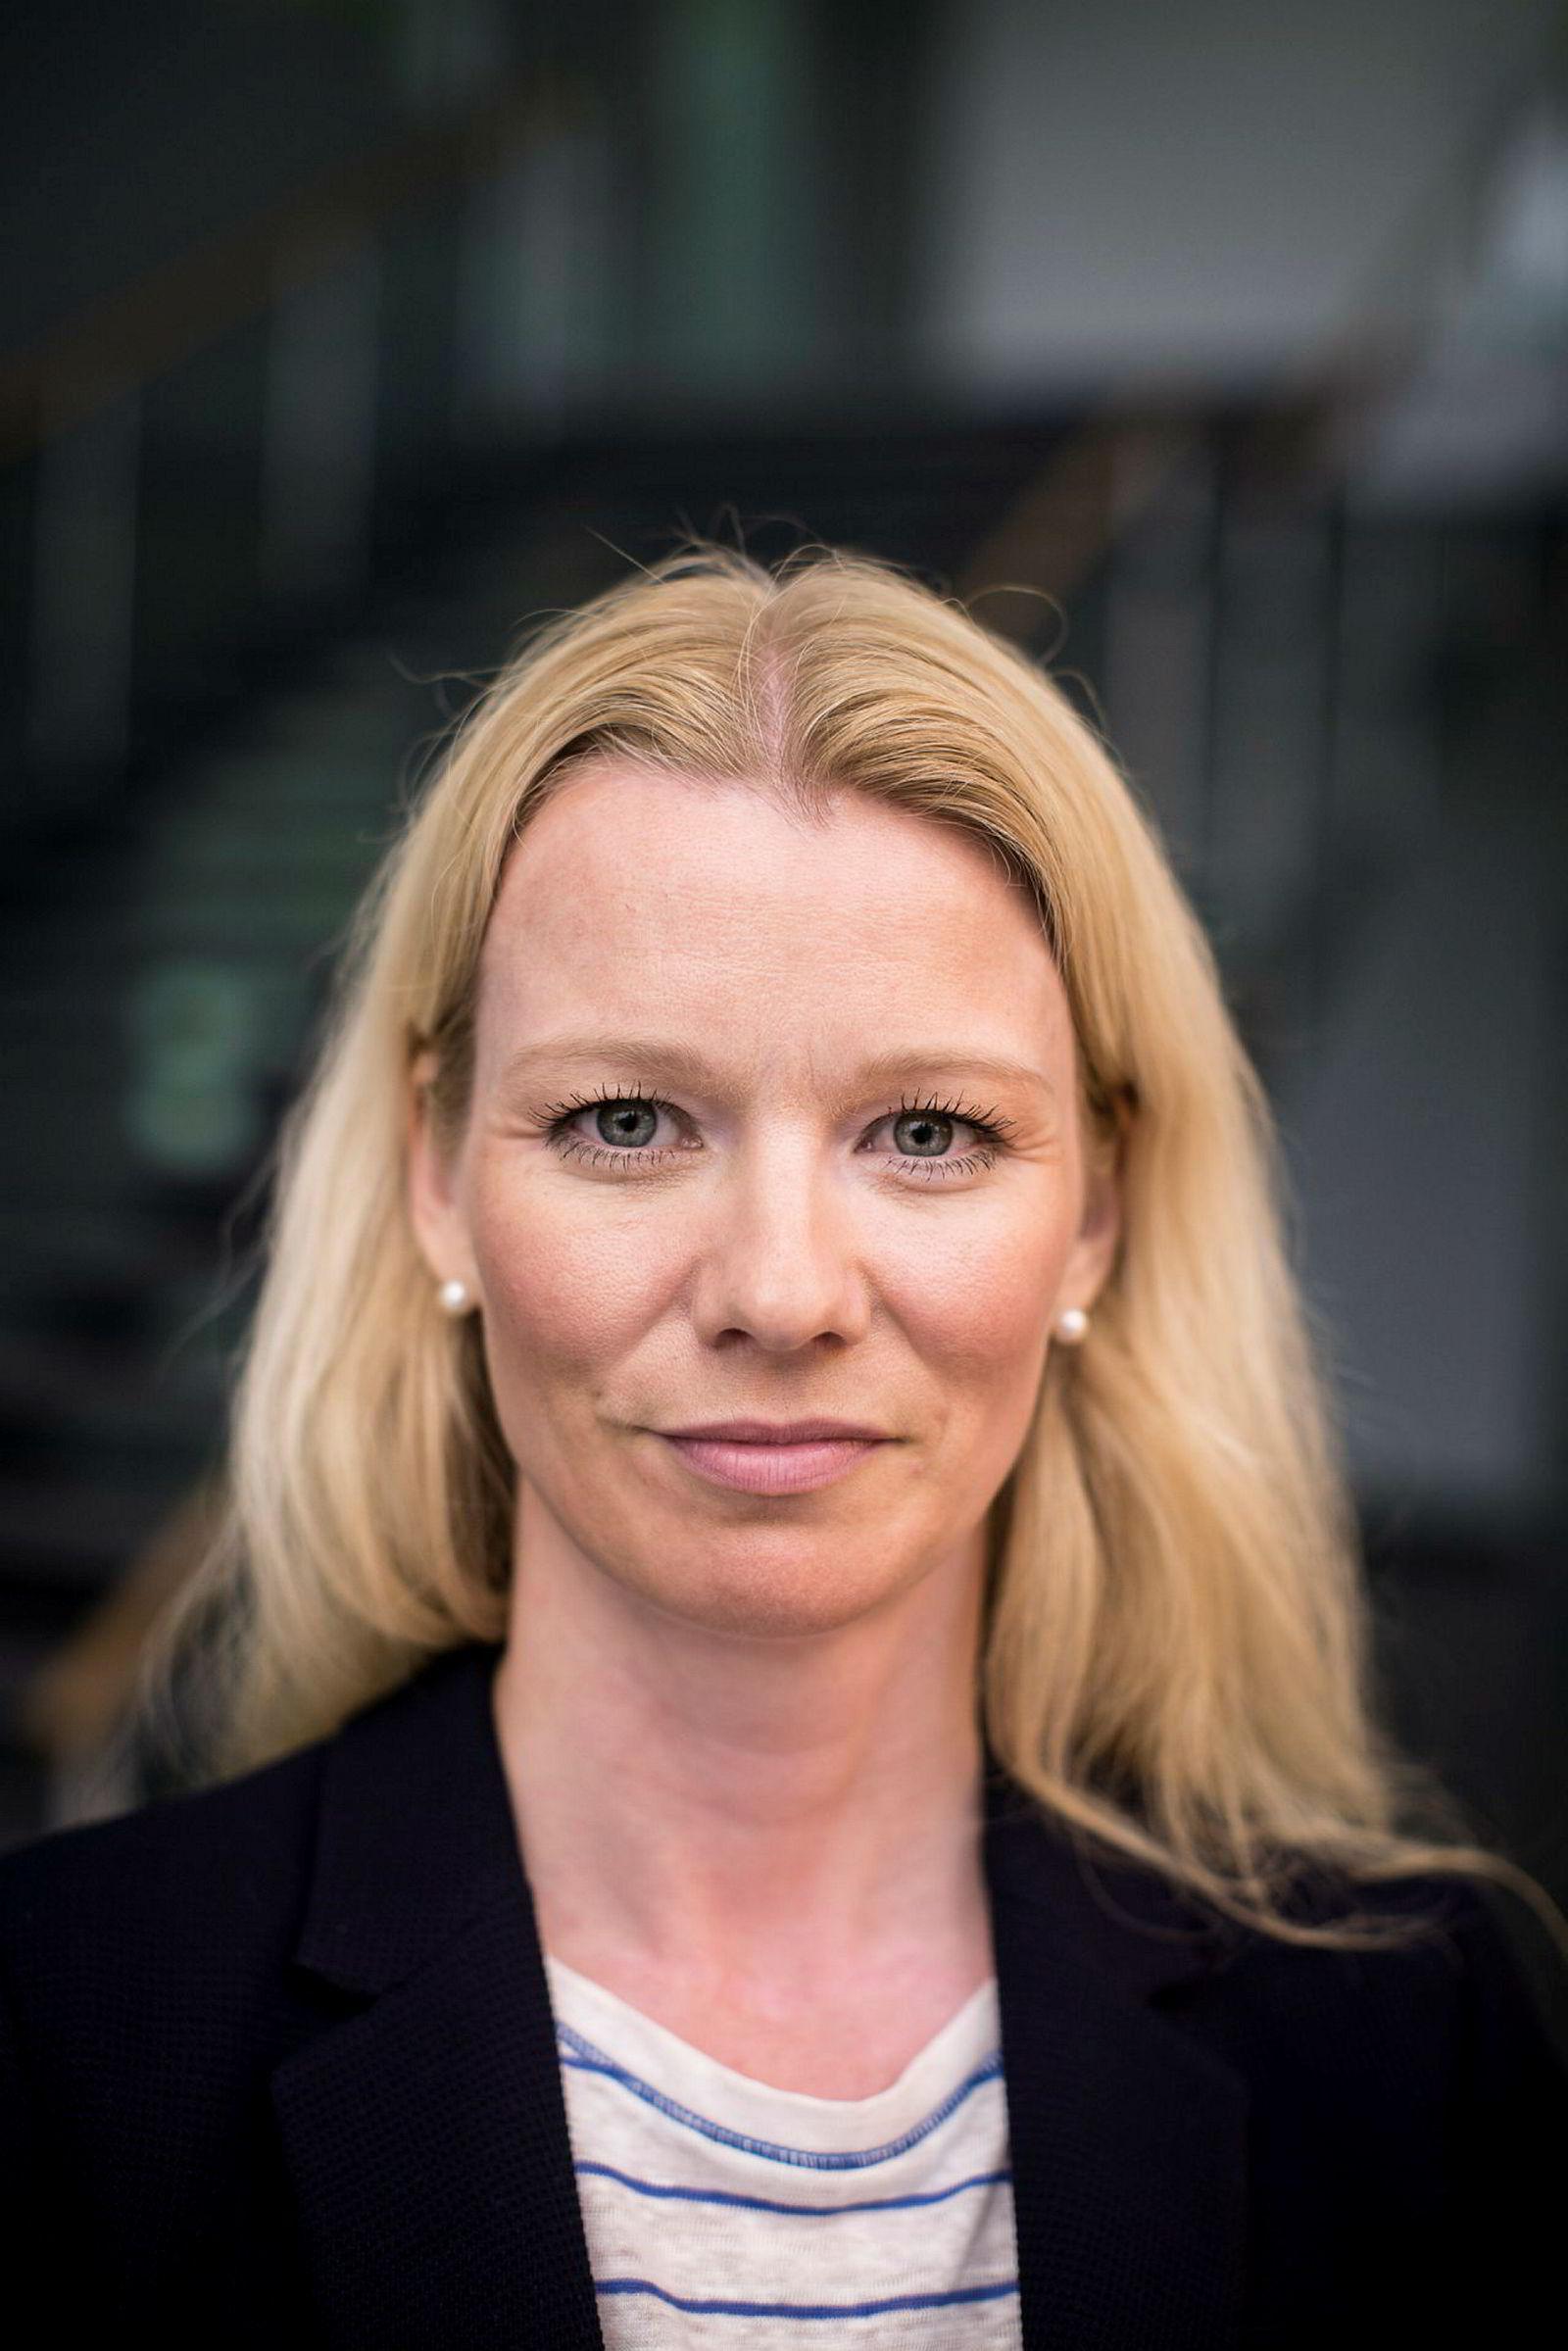 Sjeføkonom Kari Due-Andresen i Handelsbanken tror boligprisene vil stige moderat de to neste årene, før norsk økonomi følger en svekket verdensøkonomi.